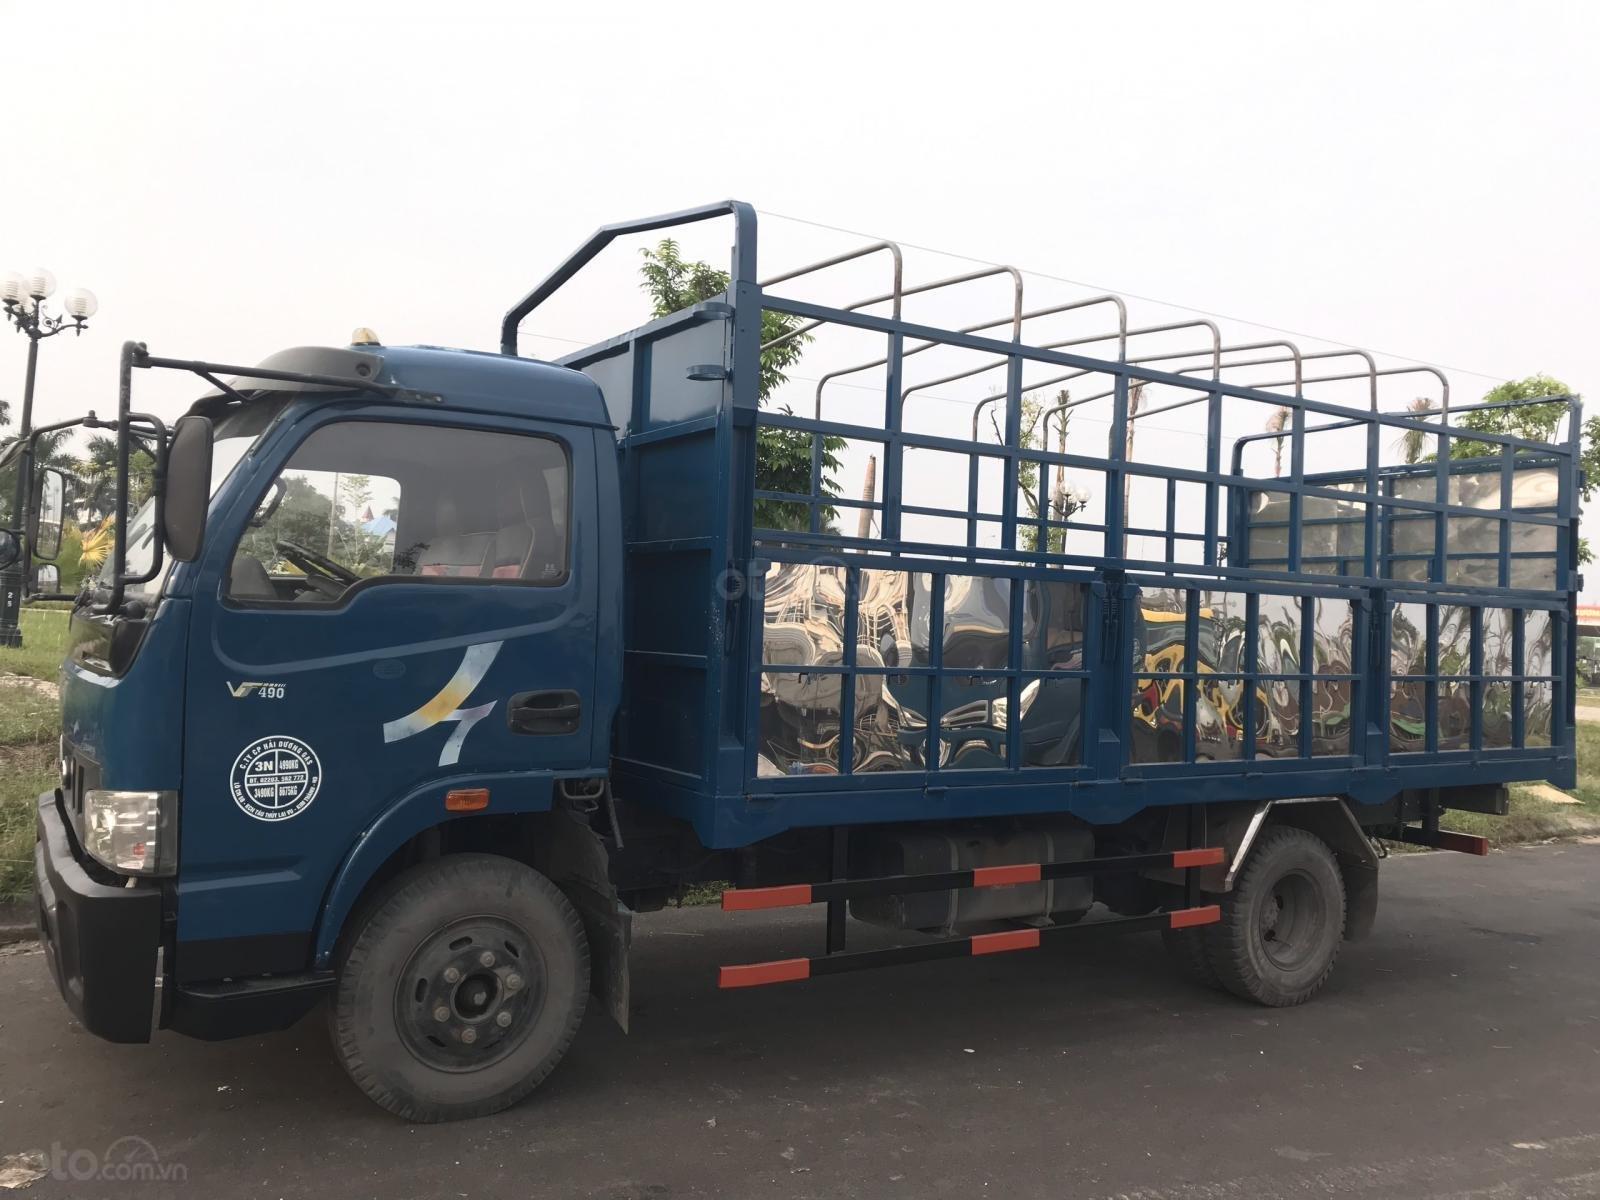 Bán xe Veam 5 tấn đã qua sử dụng máy Hyundai thùng dài 5,1m xe nguyên zin, lốp đẹp (1)